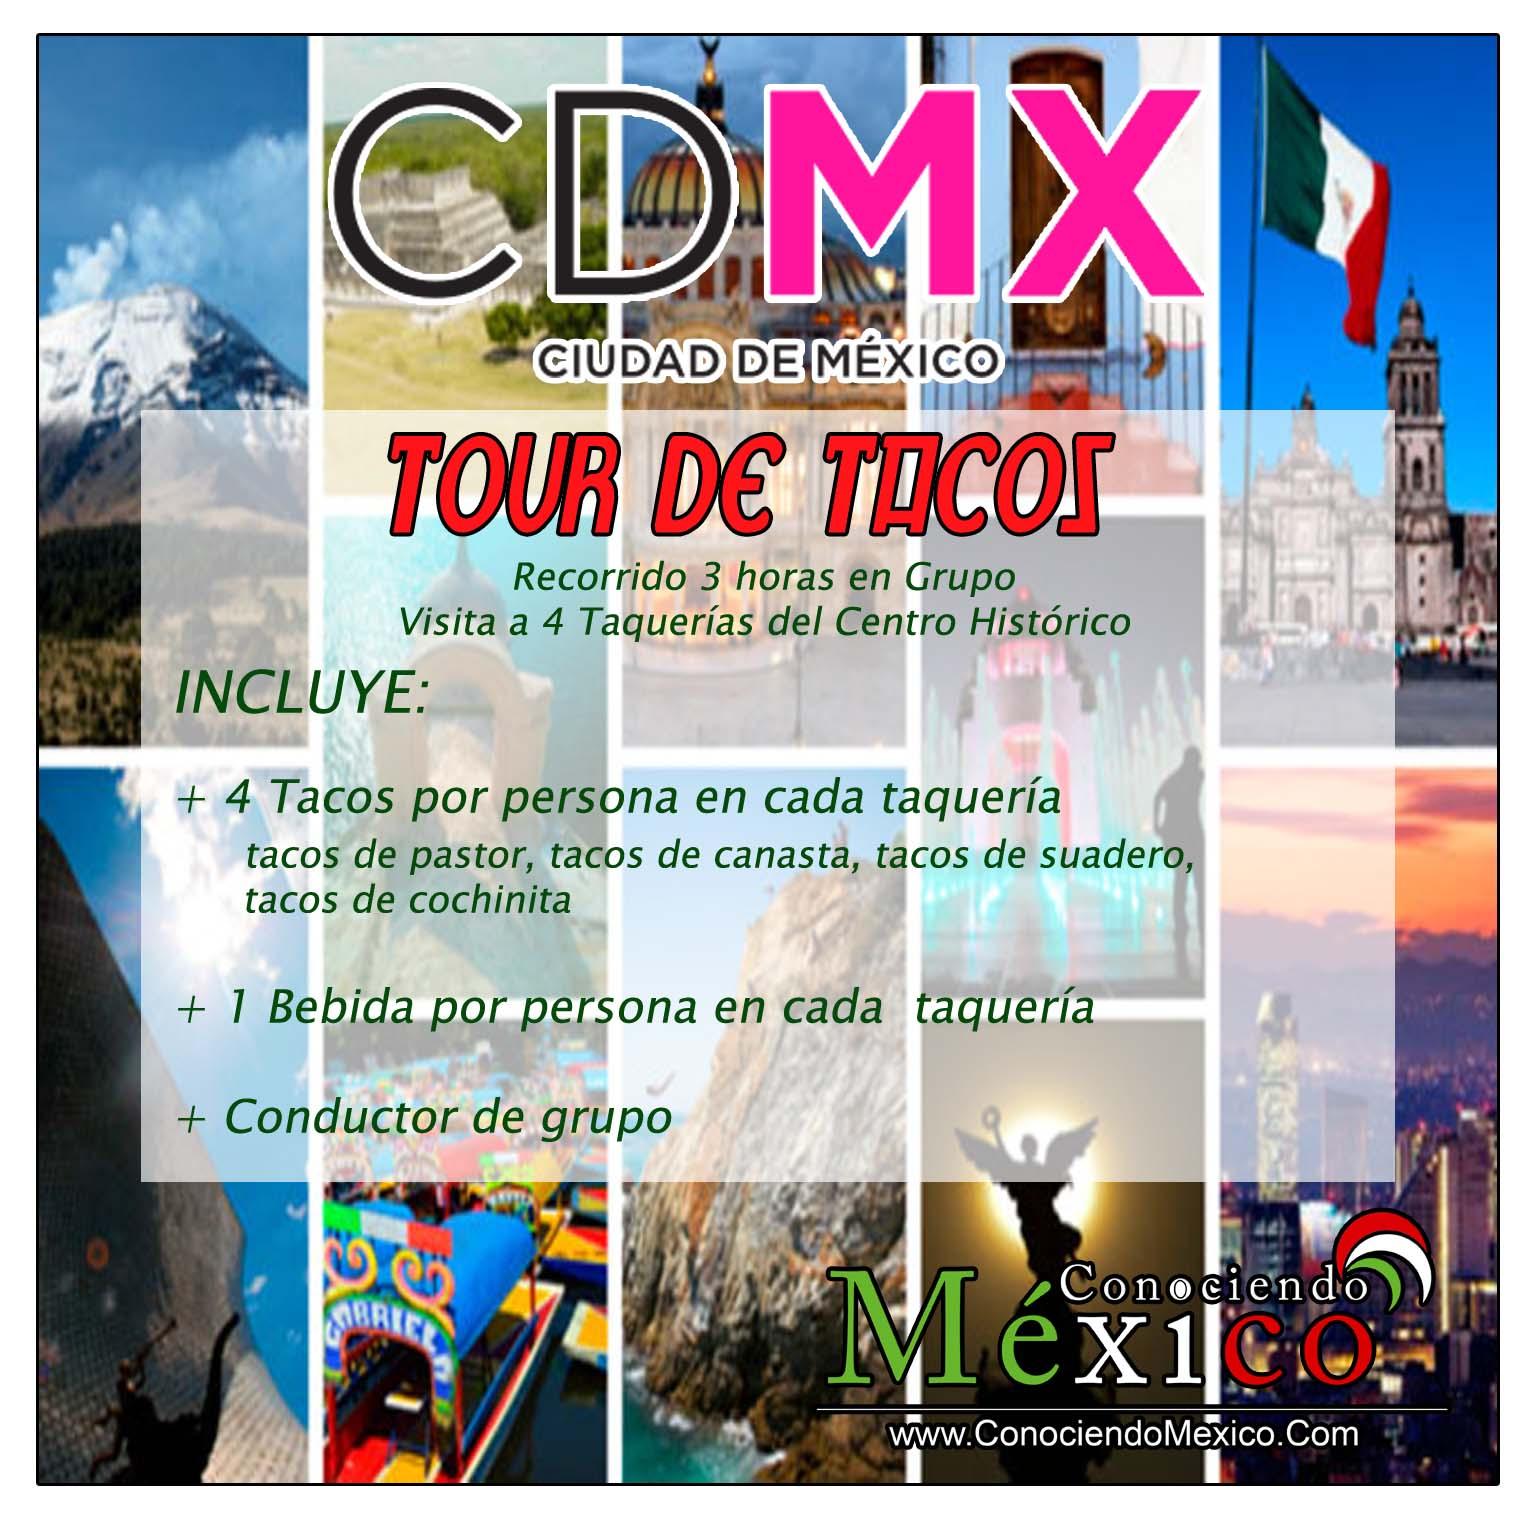 Tour de Tacos en CDMX